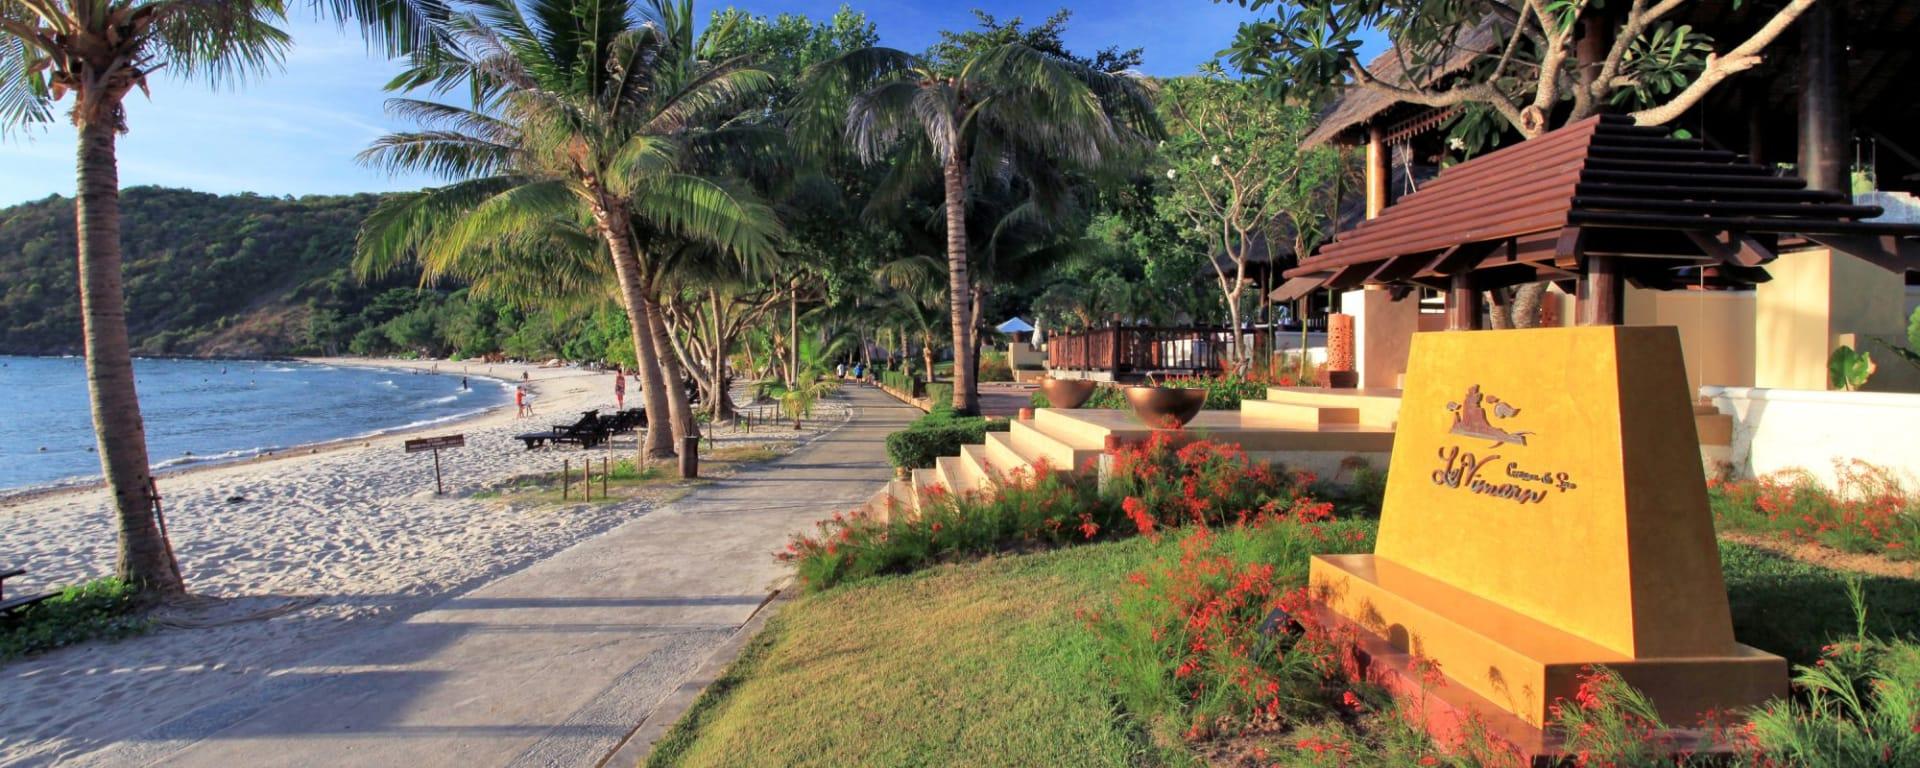 Le Vimarn Cottages & Spa in Ko Samed: Landscape-Main Entrance